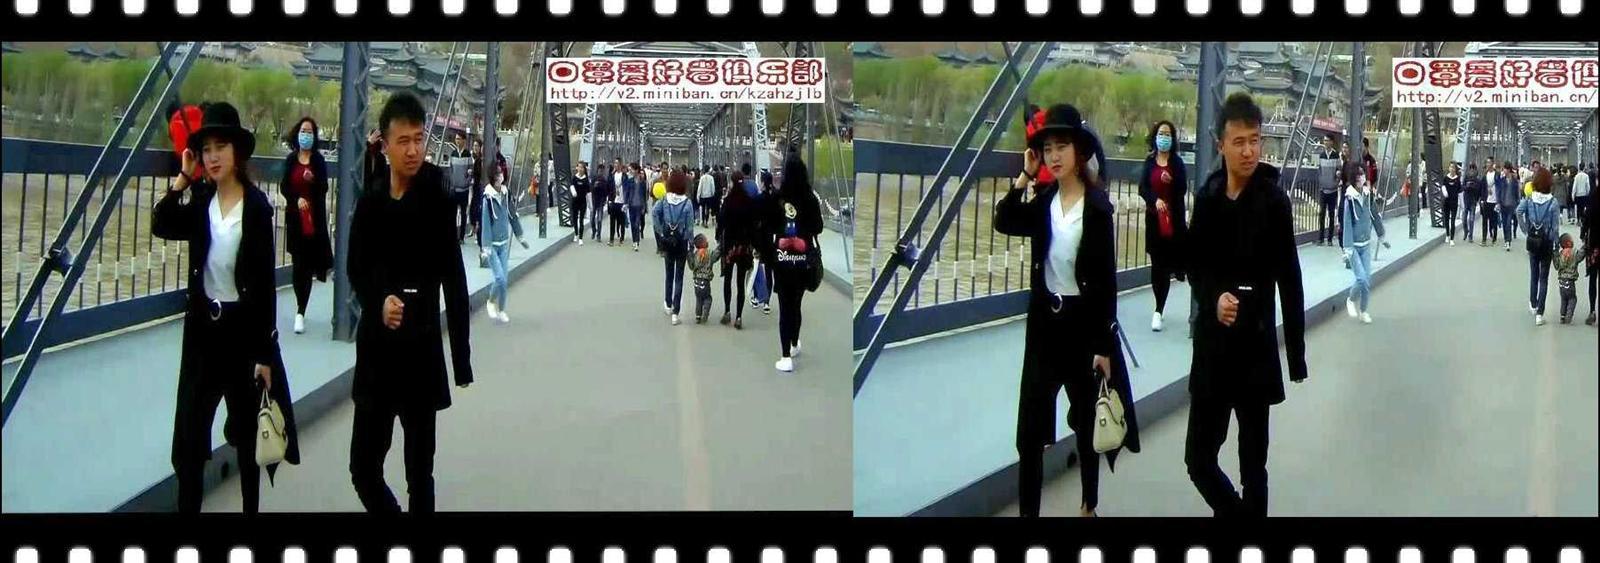 【原创】铁桥上的游人 -截图1